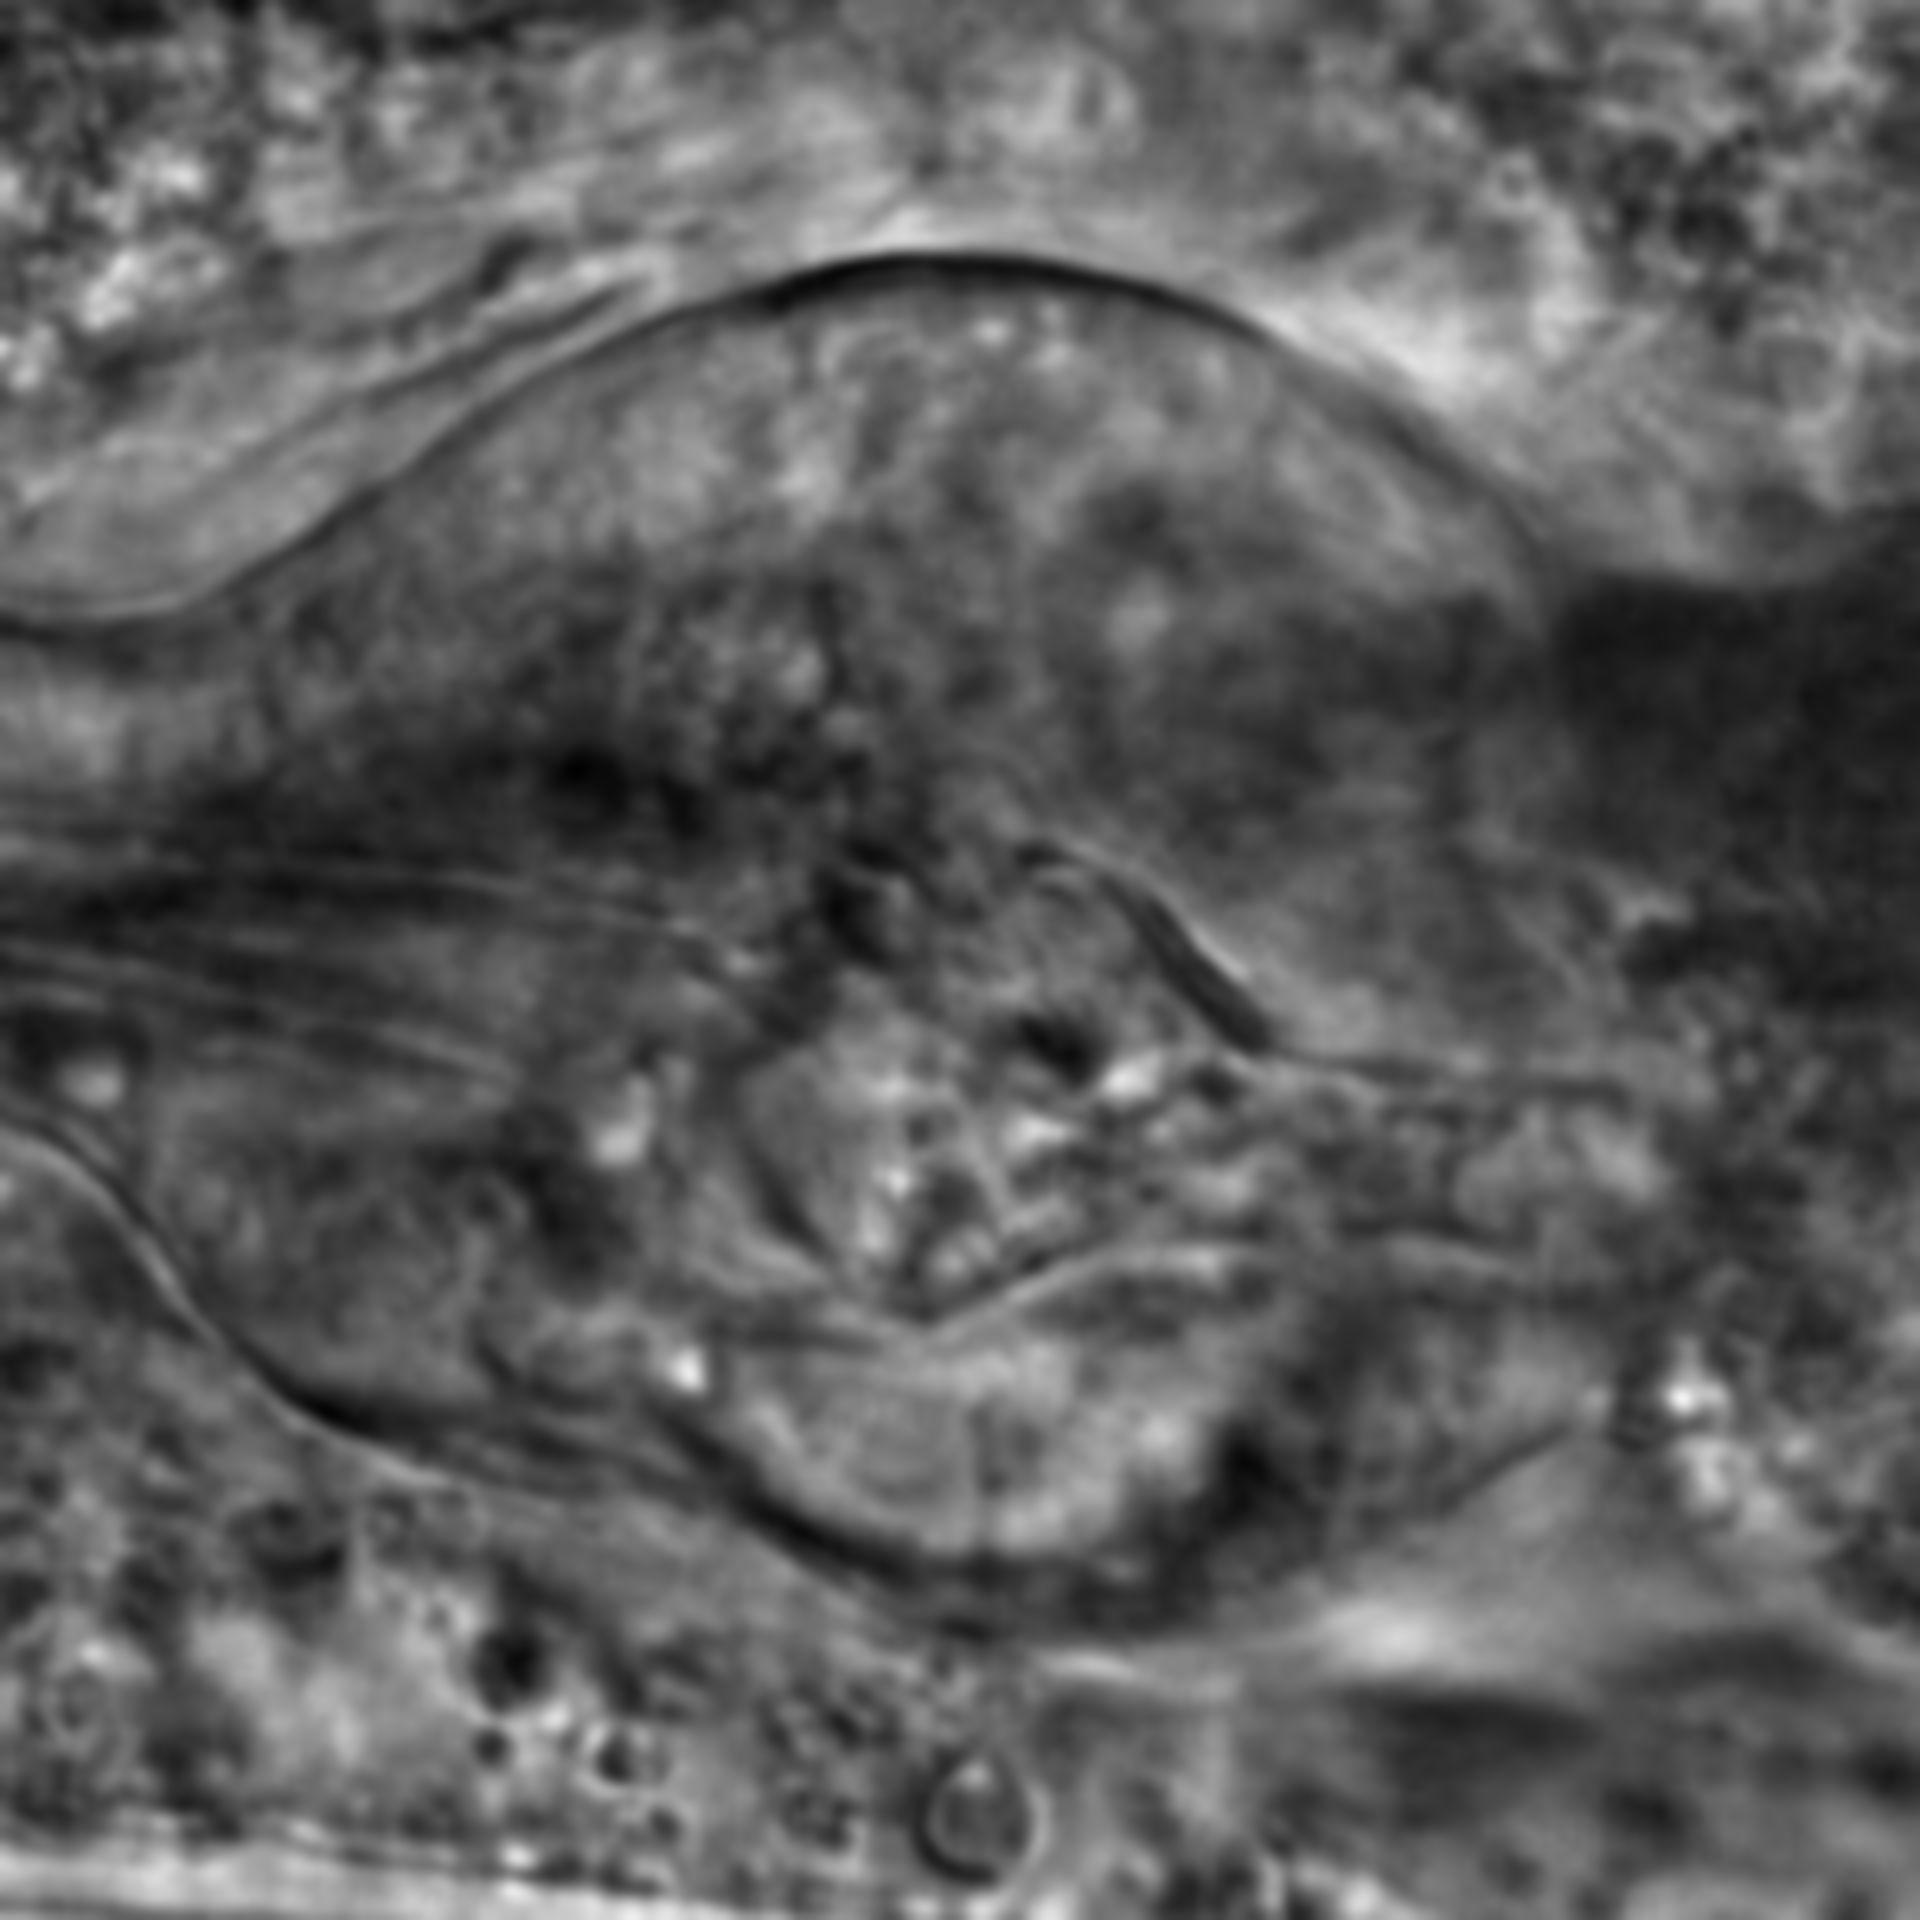 Caenorhabditis elegans - CIL:2777